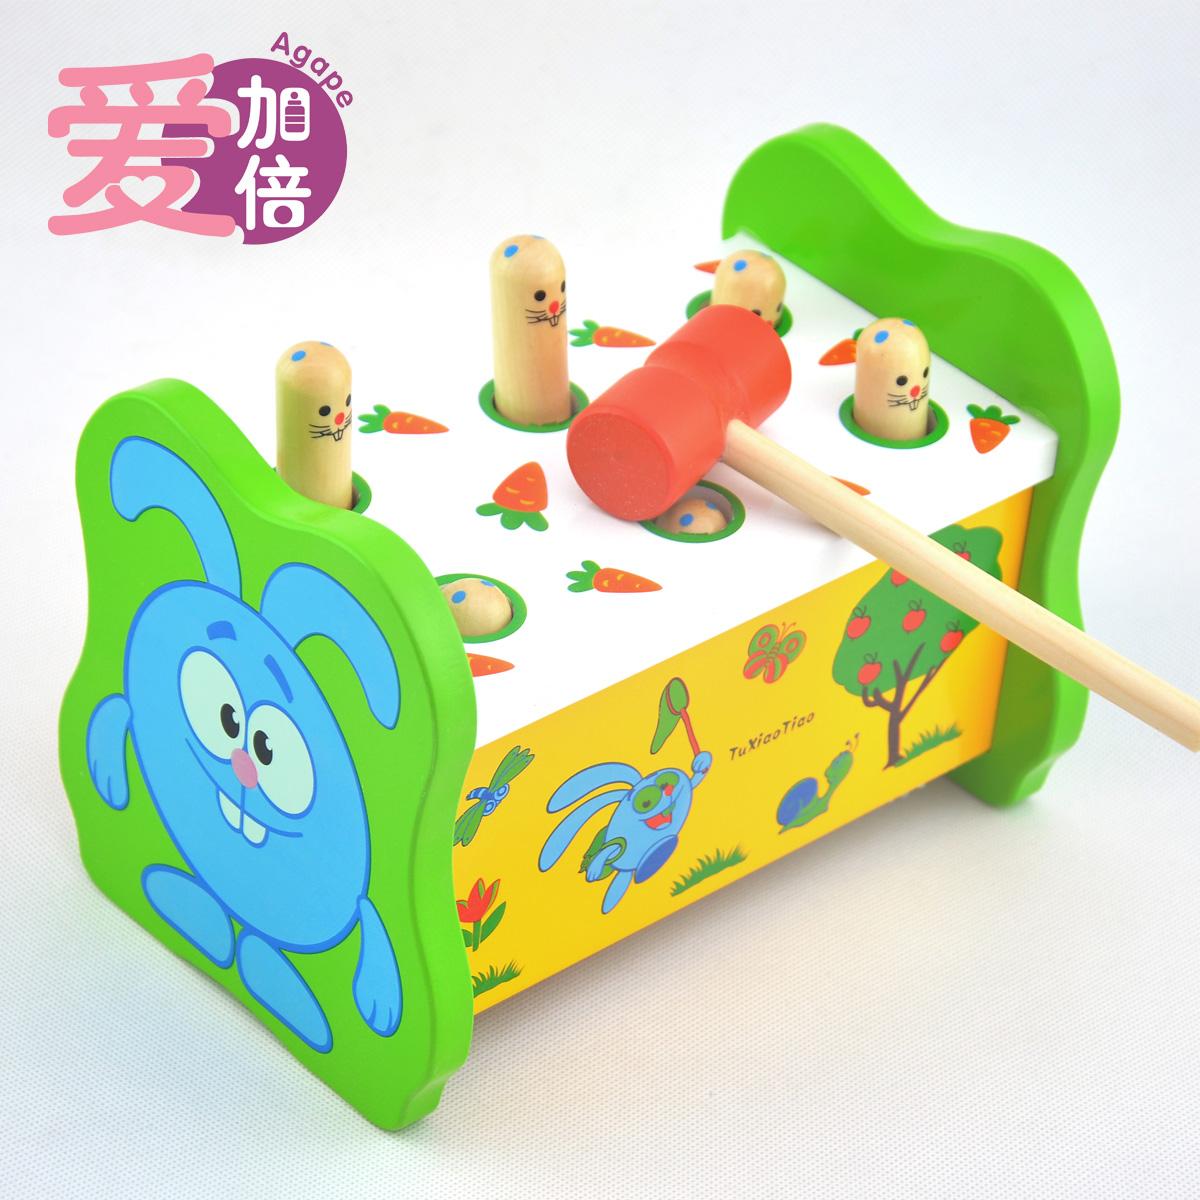 Образовательные игры для детей короля Размер 1-2-3 летний ребенок хомяка игрушка перкуссия деревянные игрушки для детей 1-2 лет